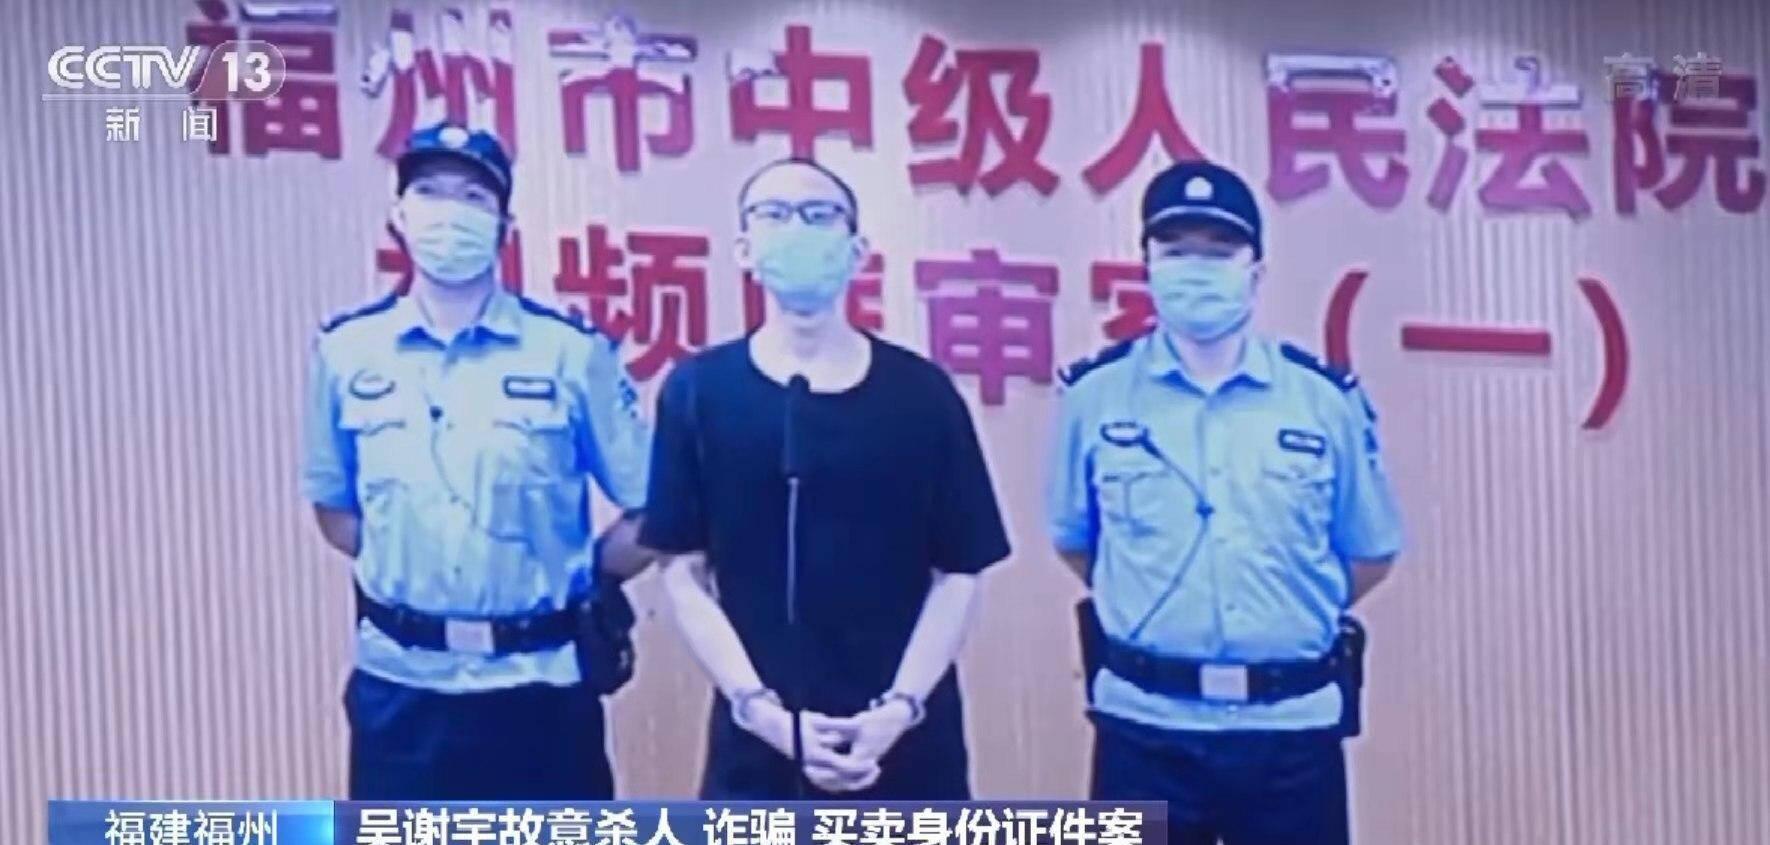 吳謝宇案庭審旁聽者:他聽到死刑判決 表現得非常安靜